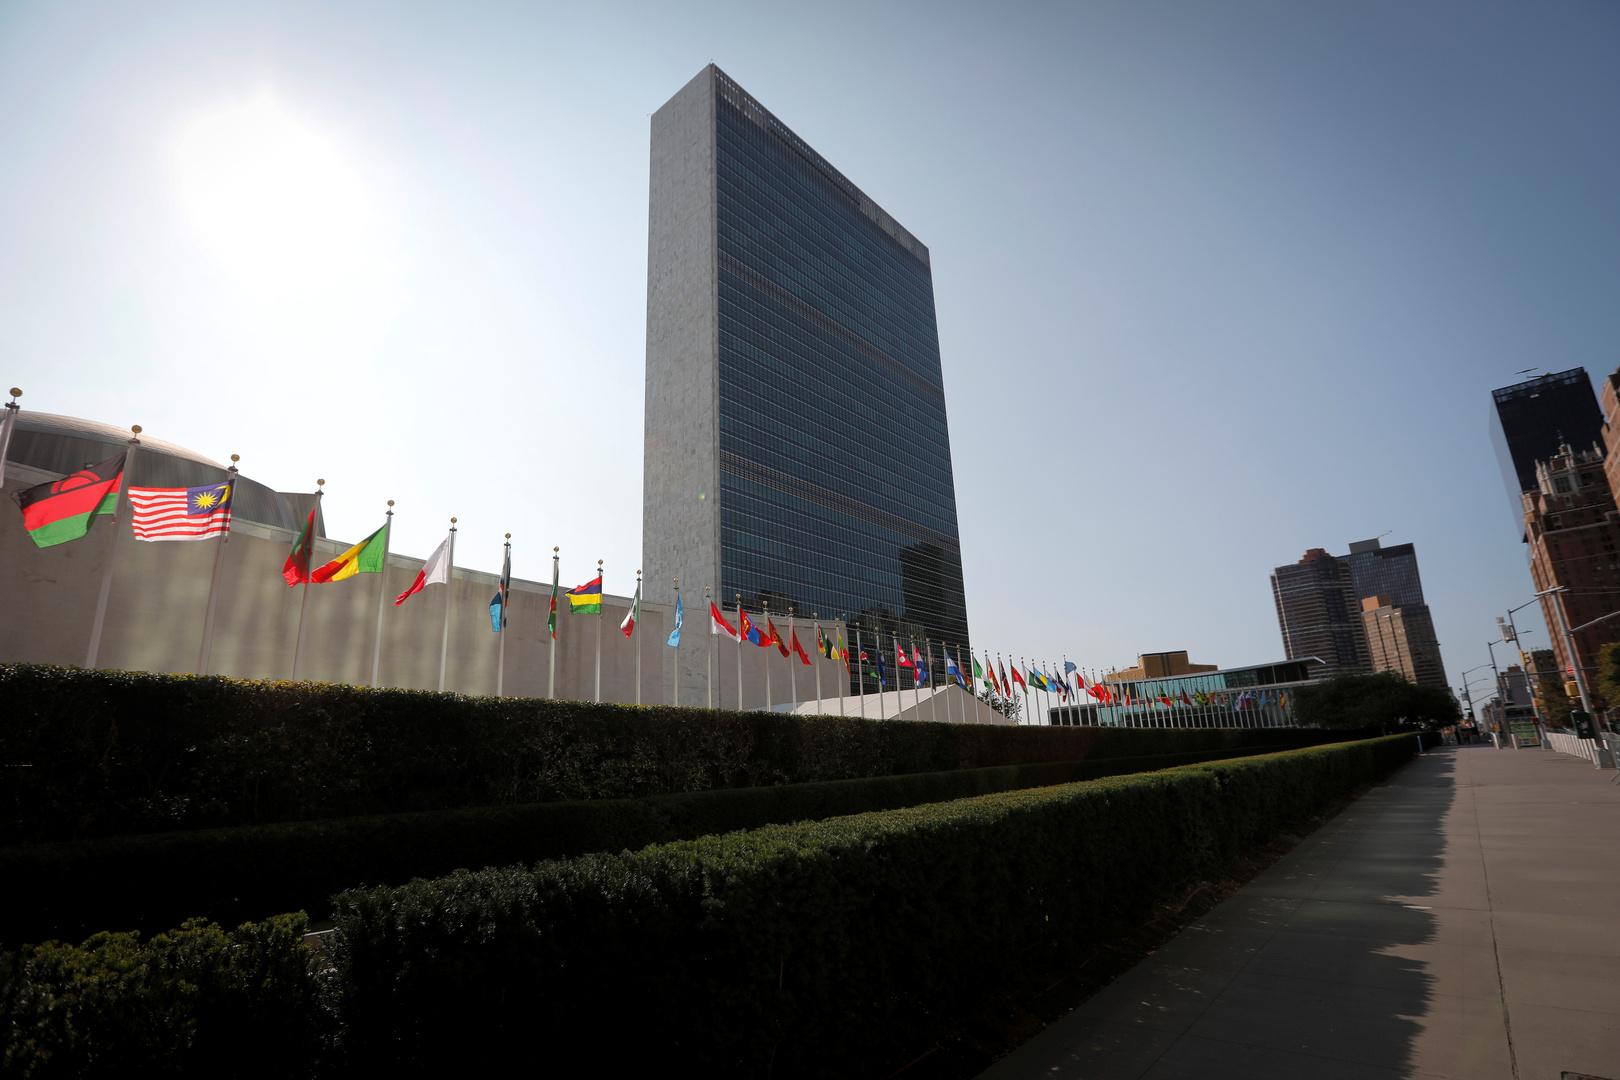 مقر الجمعية العامة للأمم المتحدة